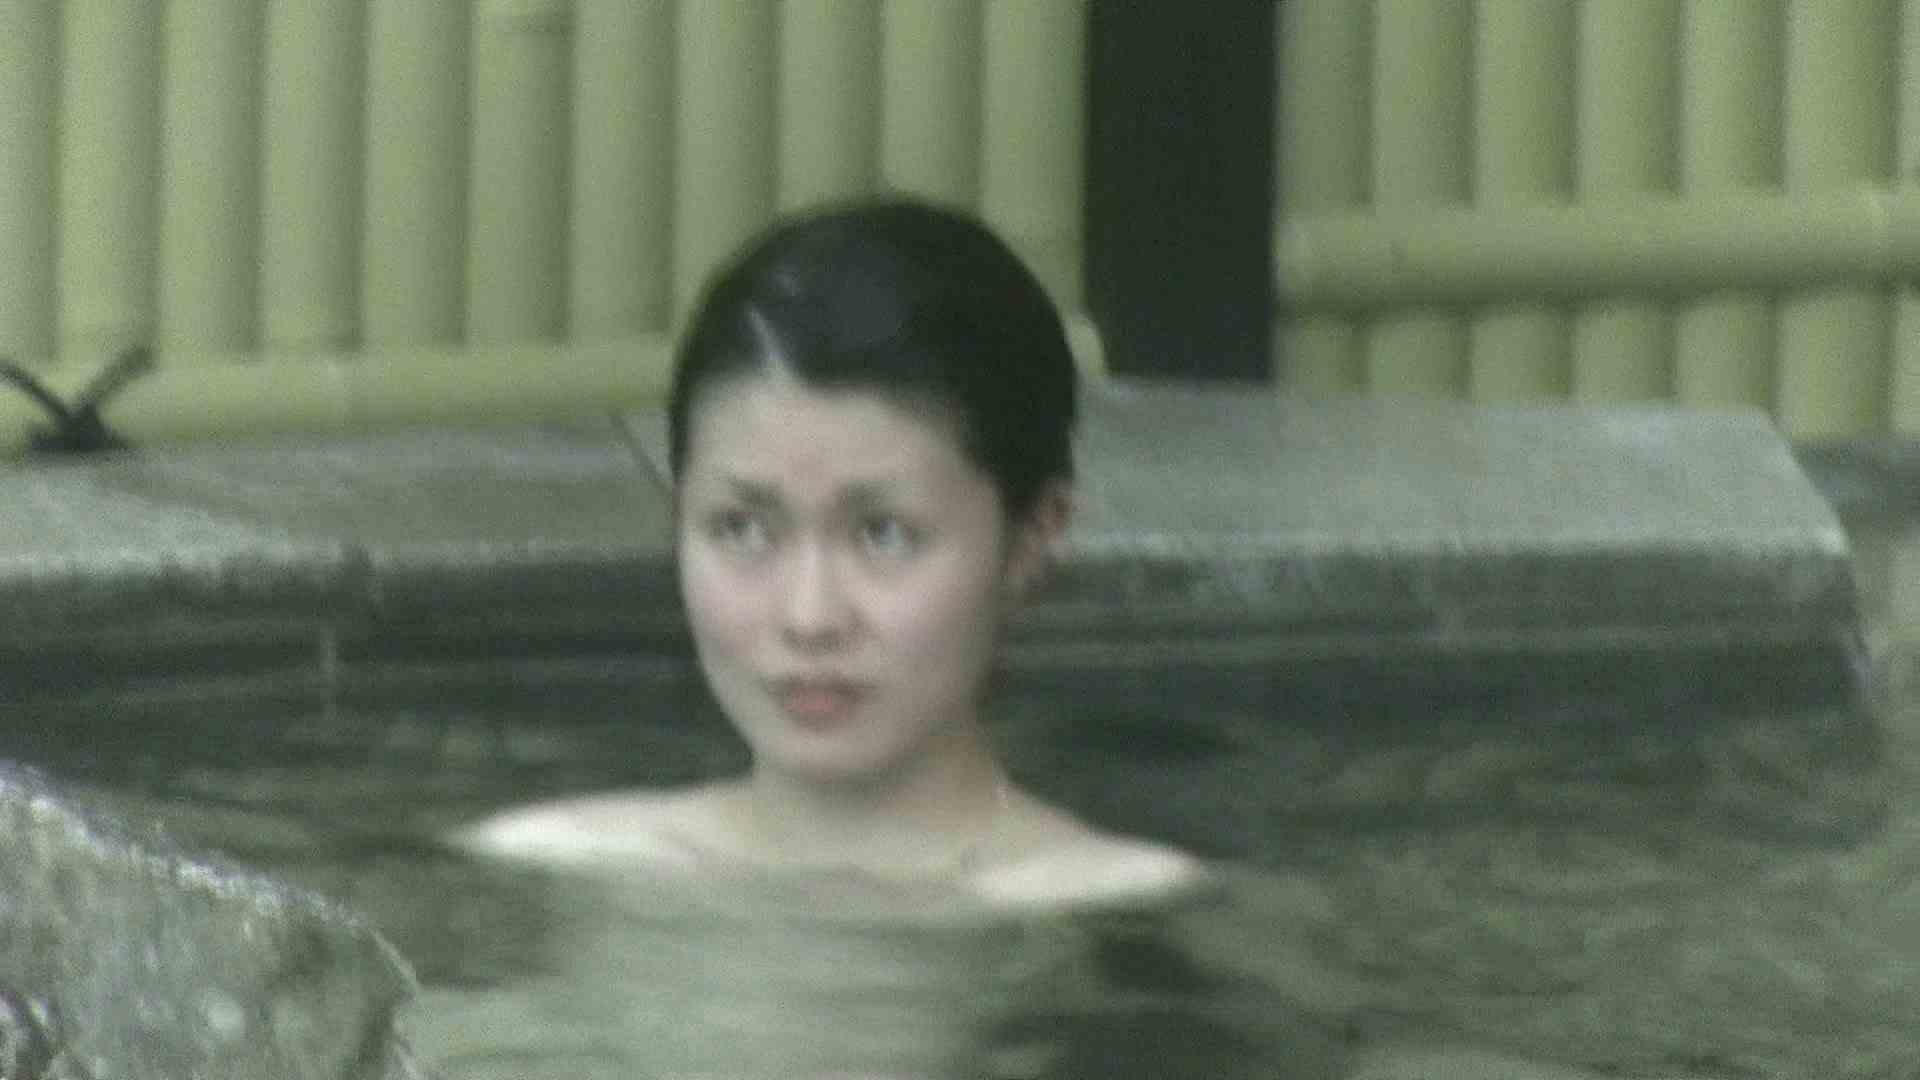 Aquaな露天風呂Vol.194 OLのエロ生活 | 盗撮  112連発 55